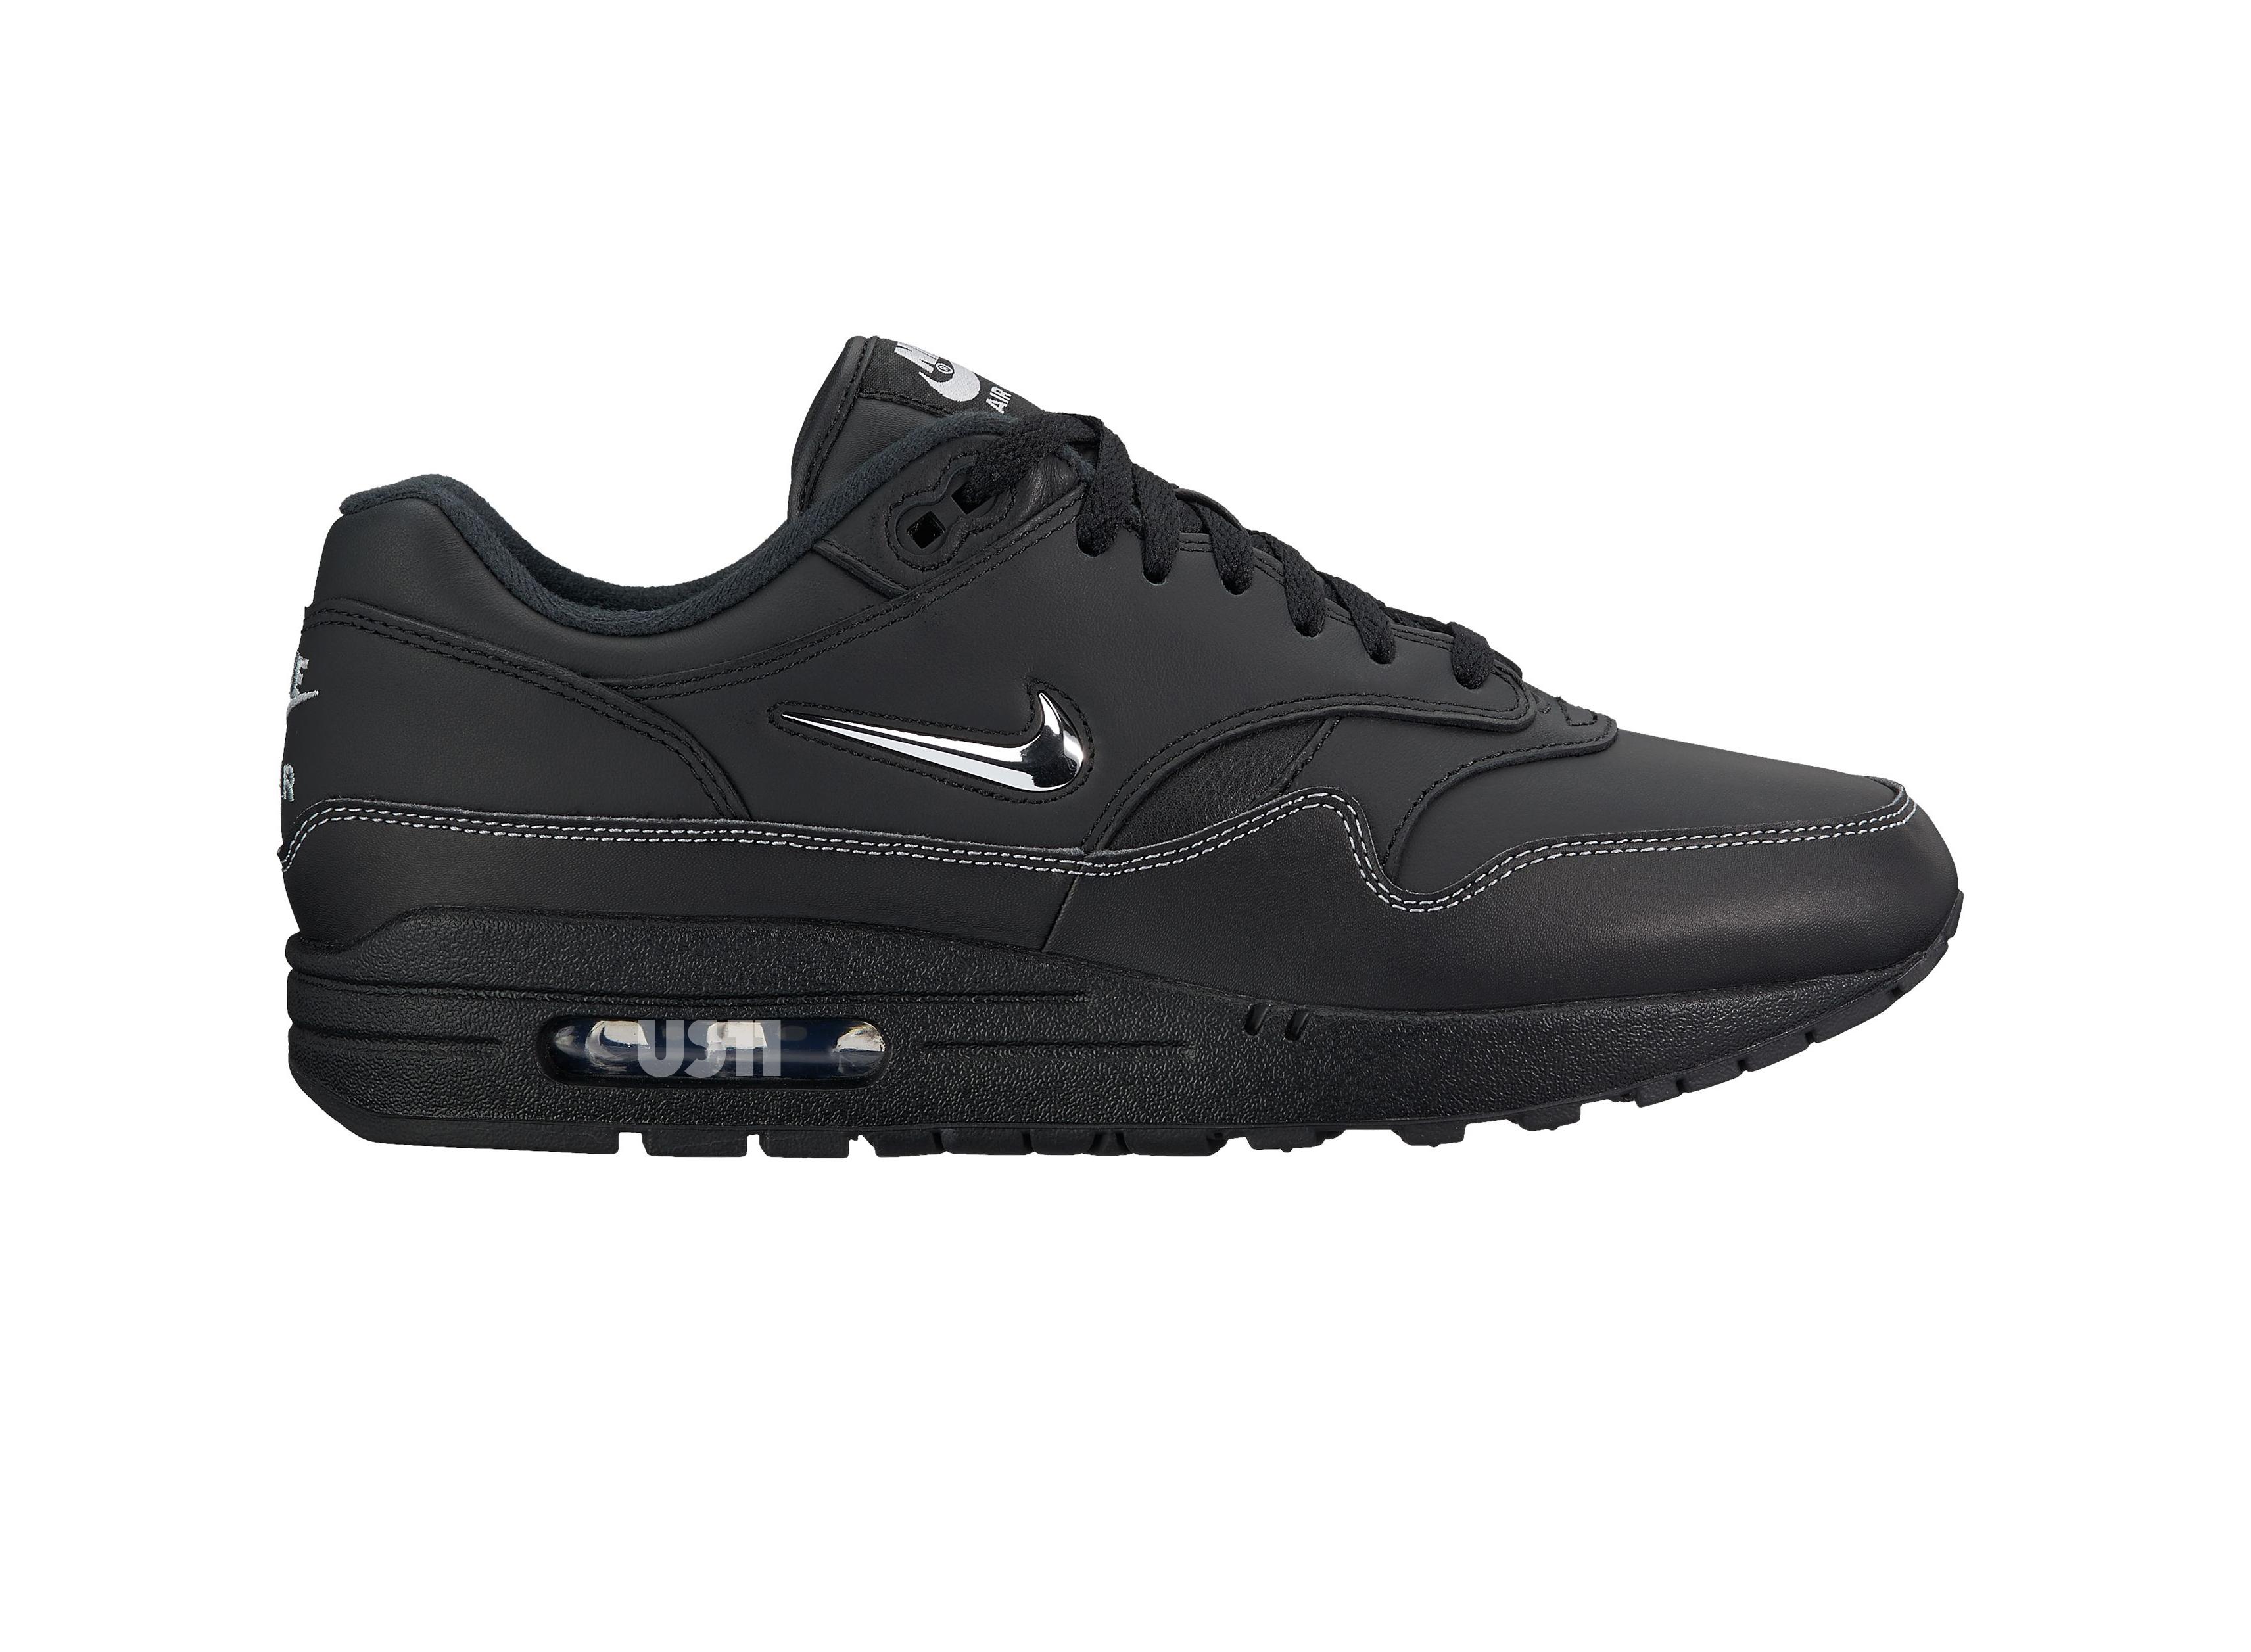 c0b9073ed9c Nike Air Max 1 Jewel   4 nouveaux coloris